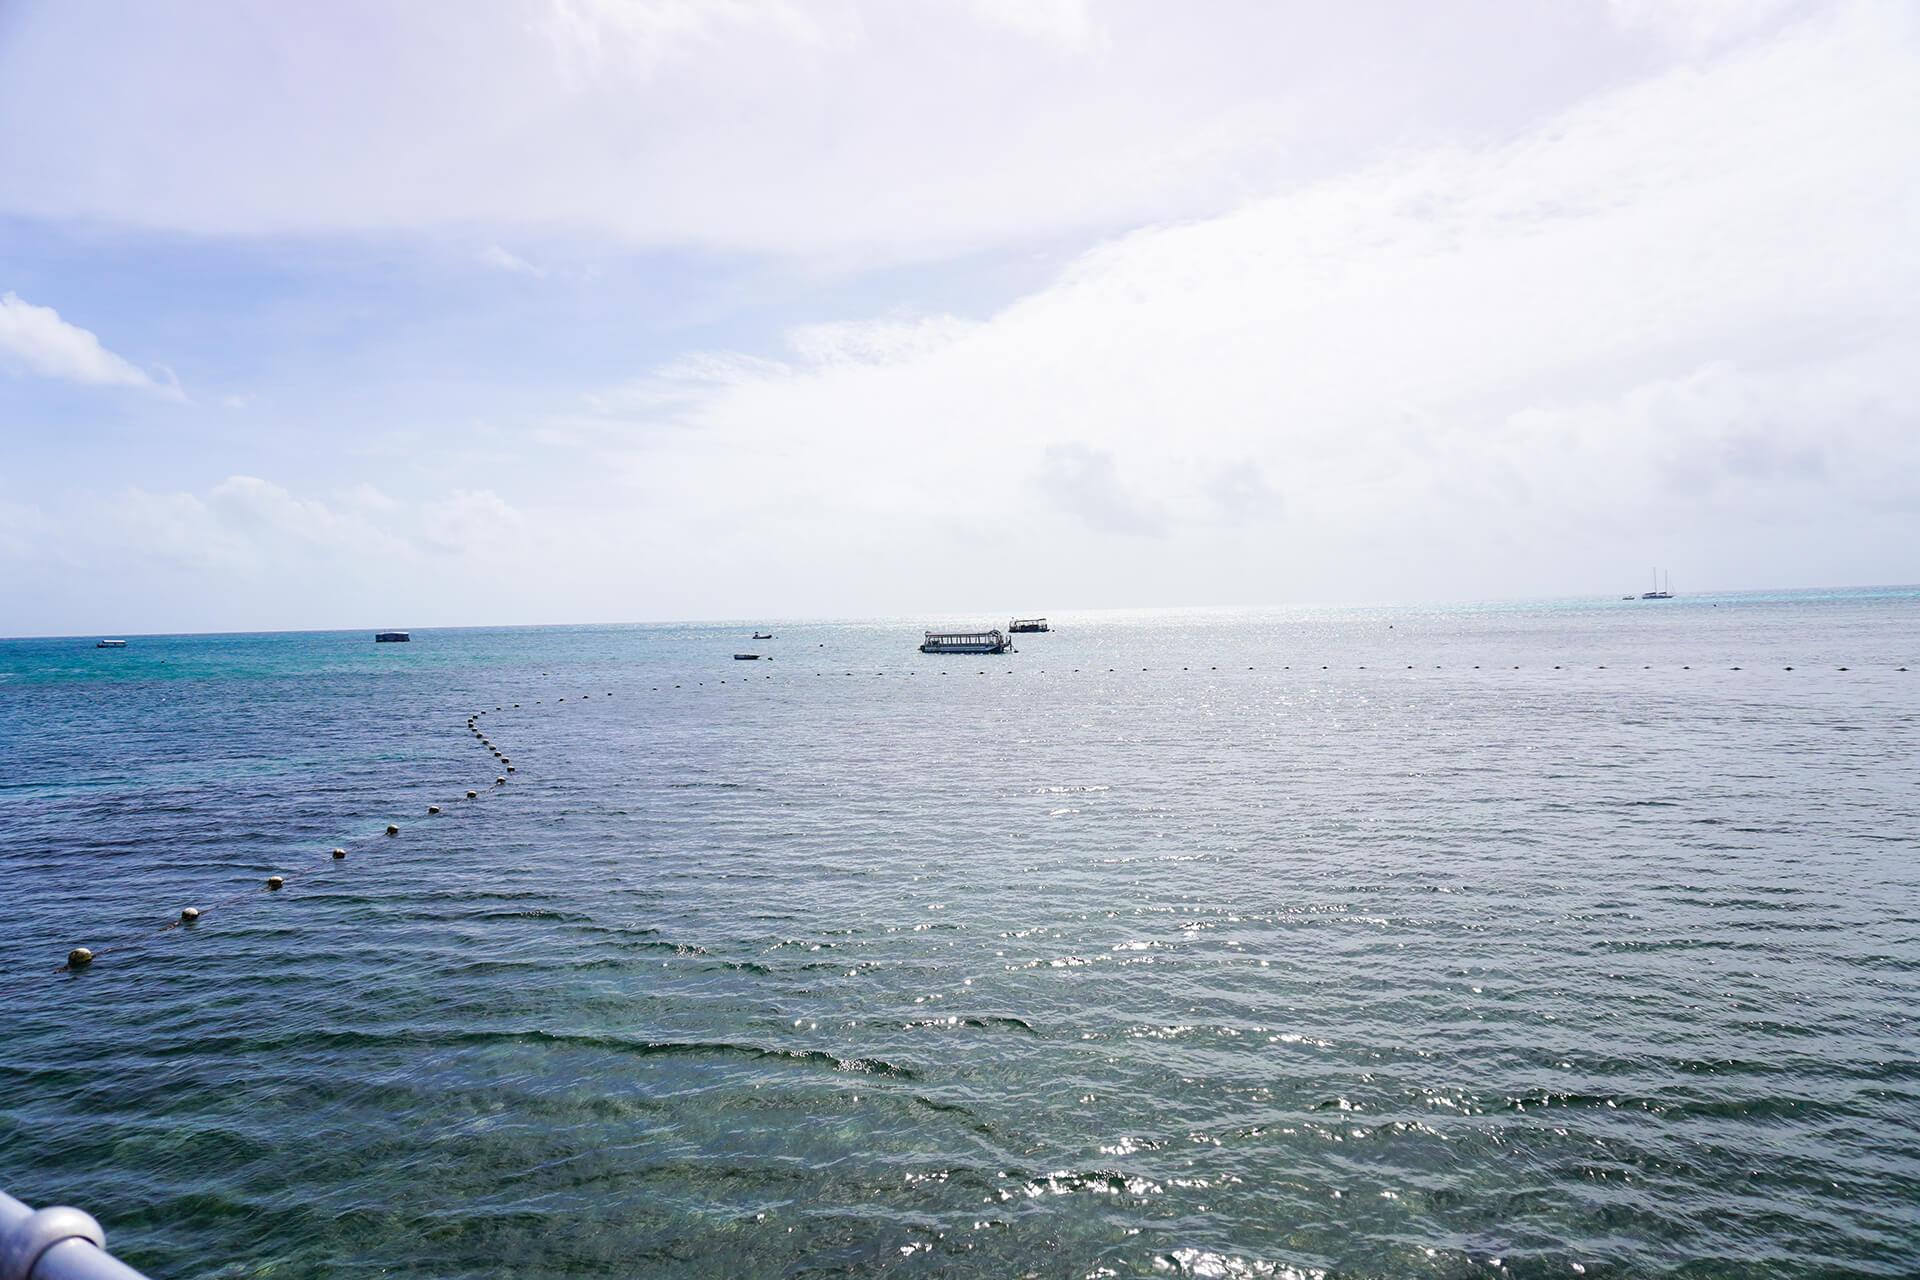 ケアンズ・グリーン島からの眺め